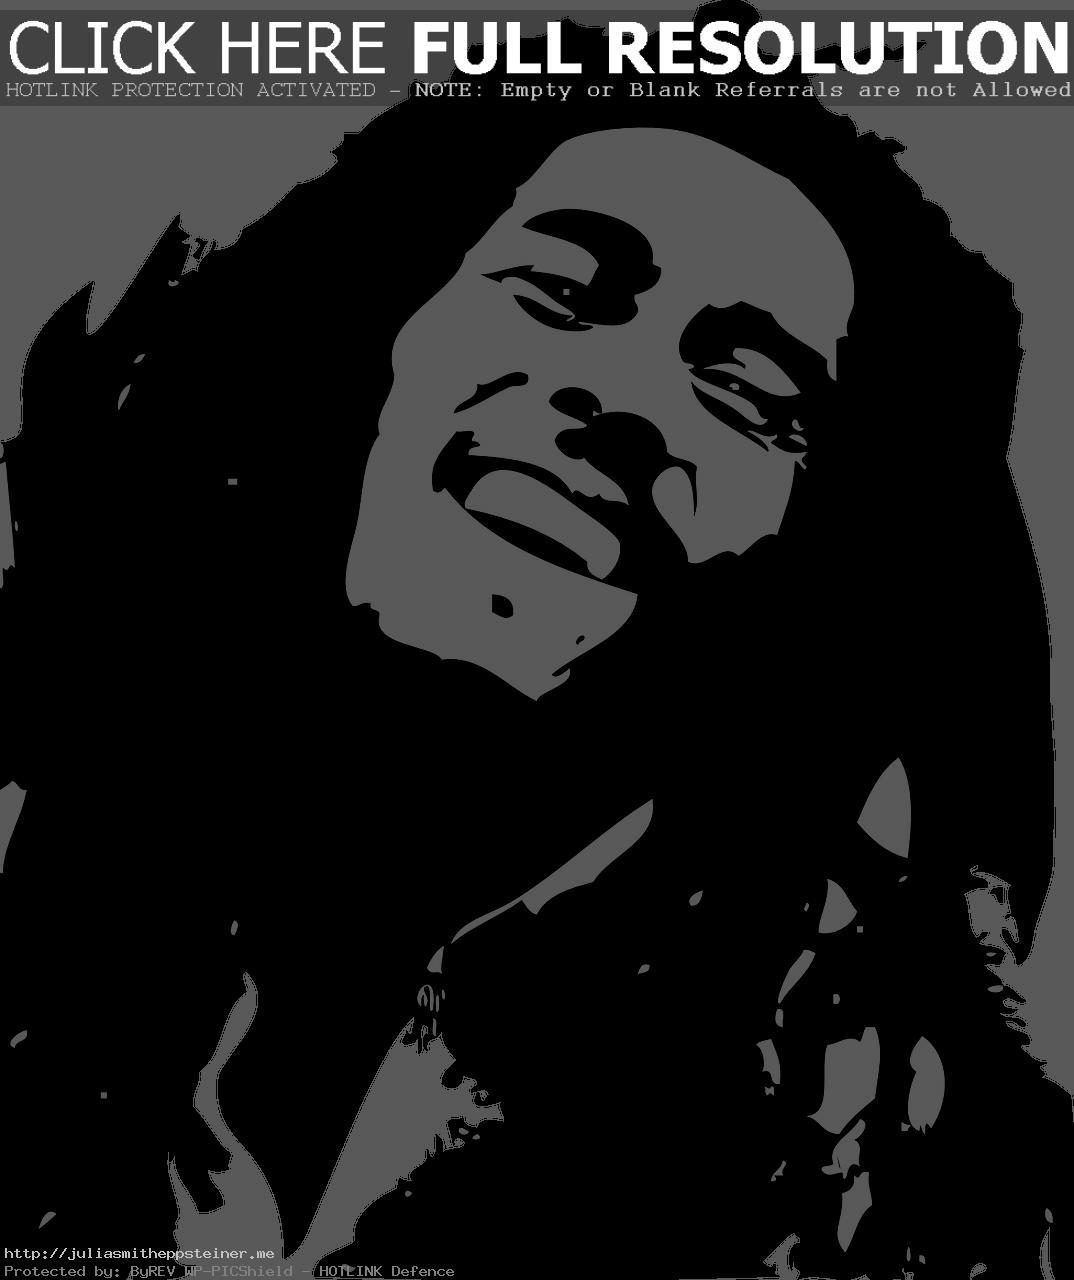 . ClipartLook.com Bob Marley PNG Images -. ClipartLook.com Bob Marley PNG Images Free Download Entrancing Public Domain Clip Art  ClipartLook.com -10